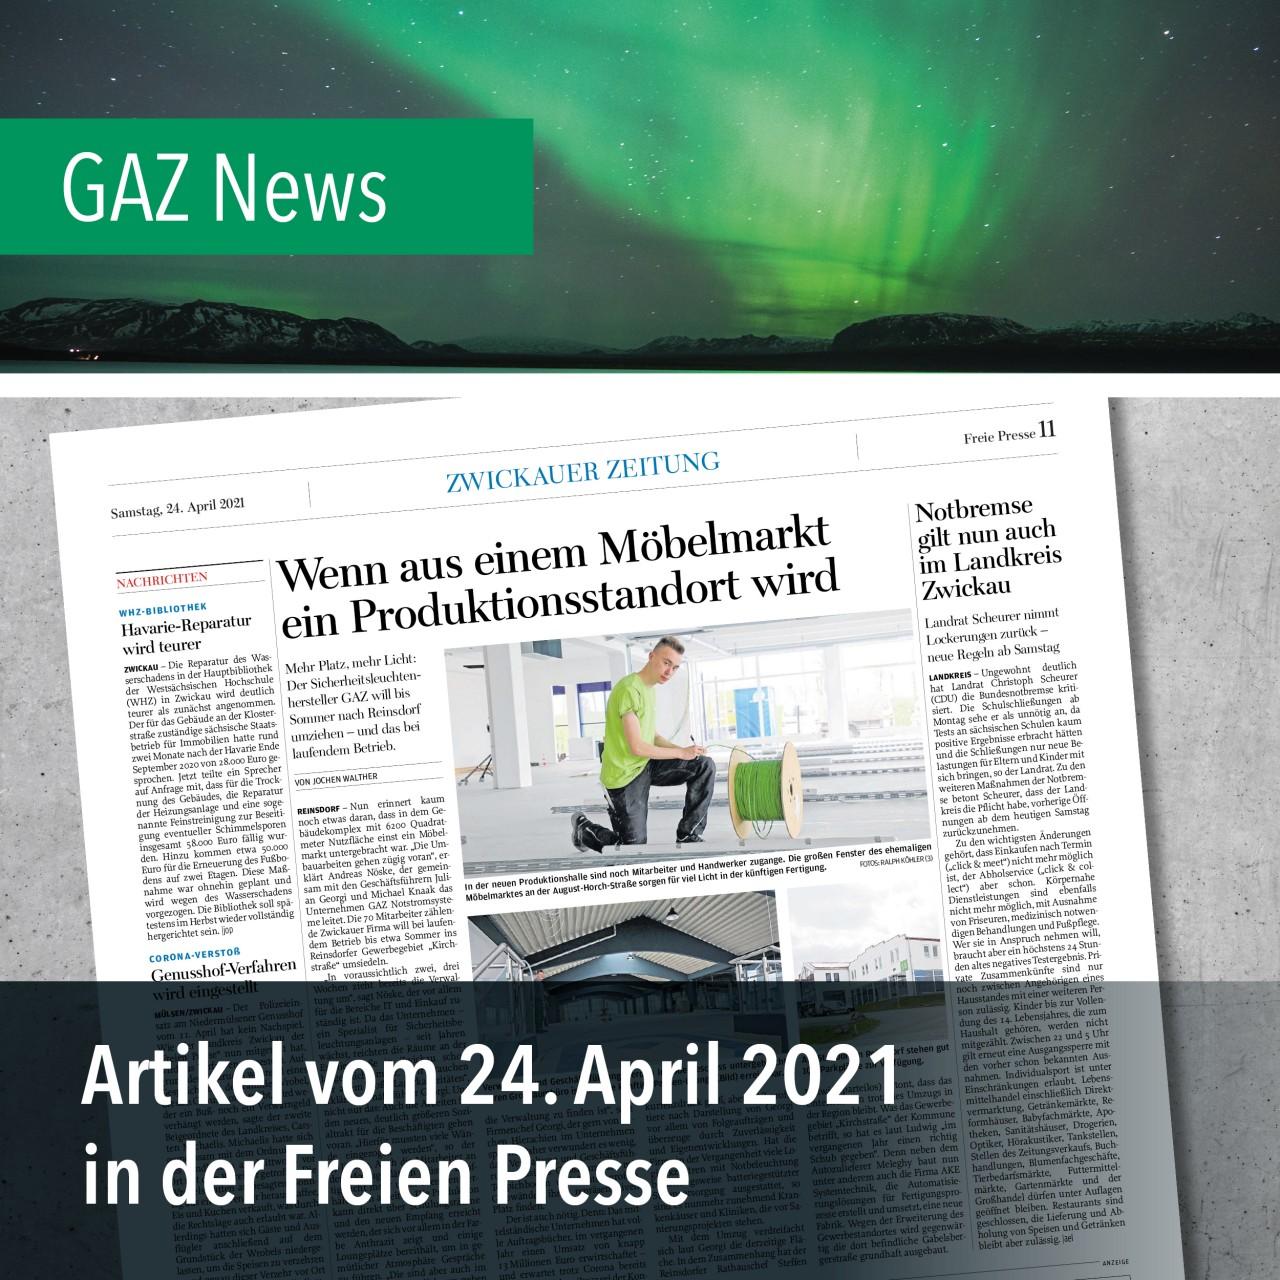 freie_presse_04_21_GAZ_umzug_600x600px